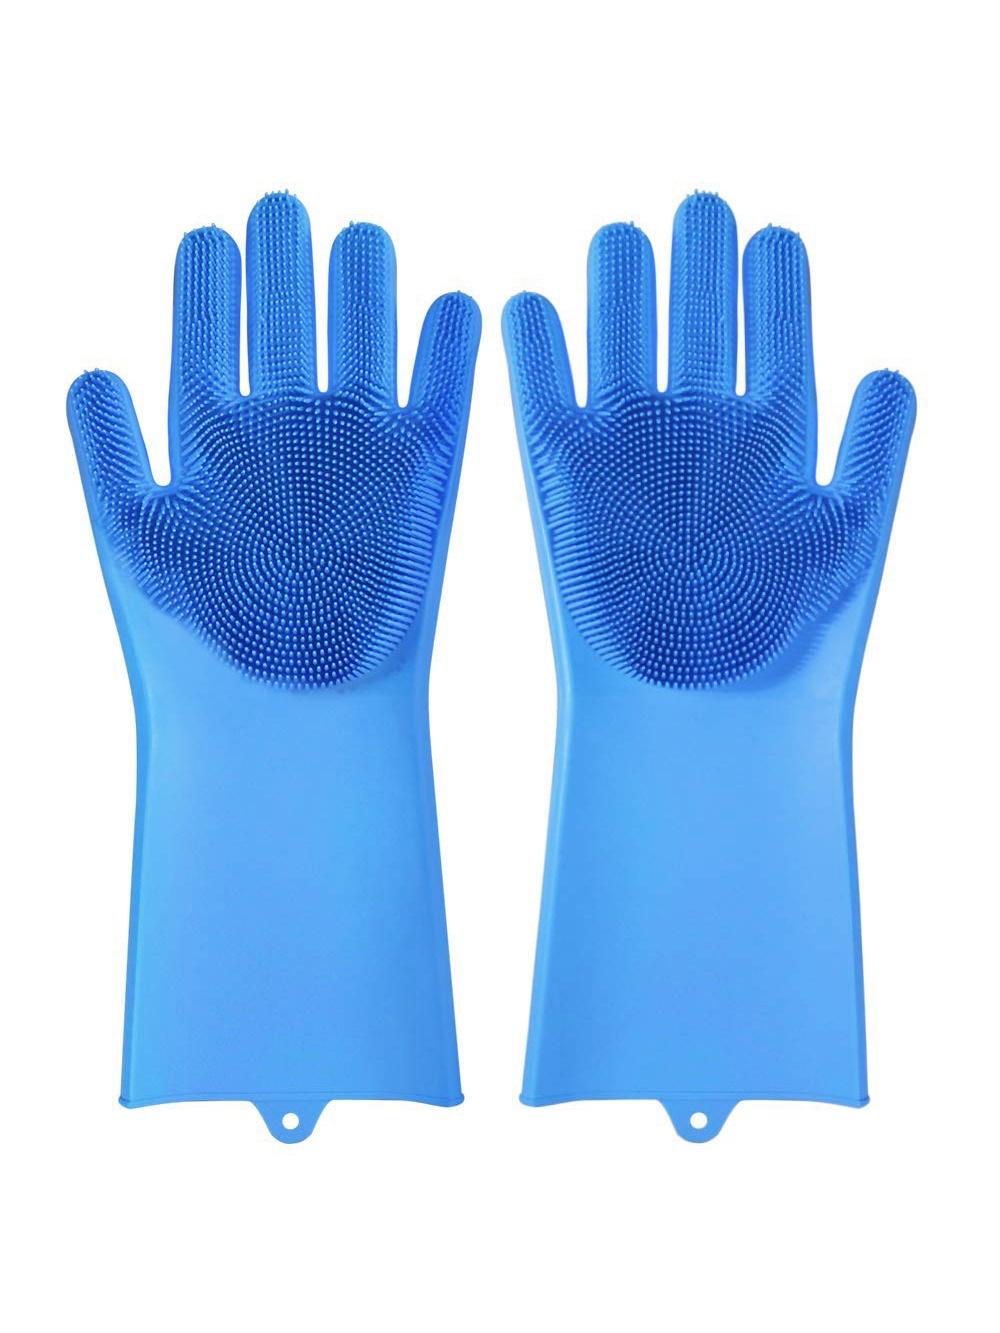 Многофункциональные перчатки силиконовые термостойкие для мытья посуды, перчатки-щетка для кухни щетки для кухни